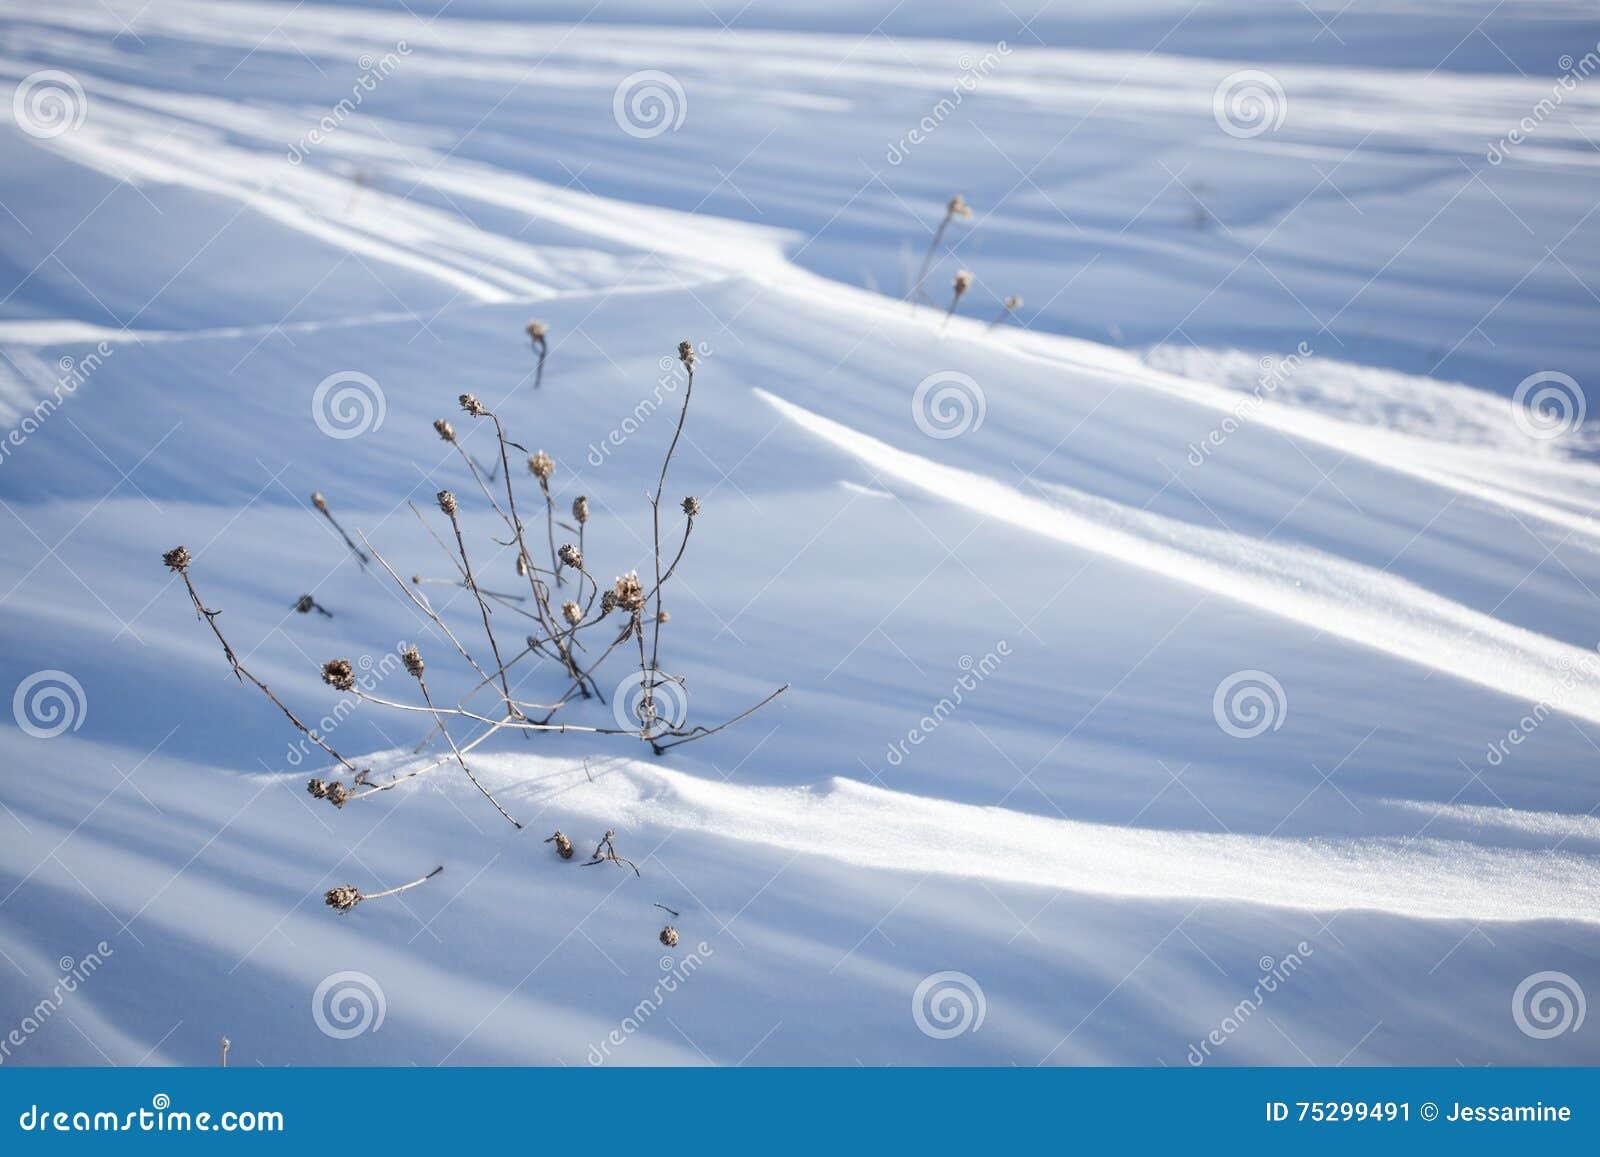 雪分层堆积背景